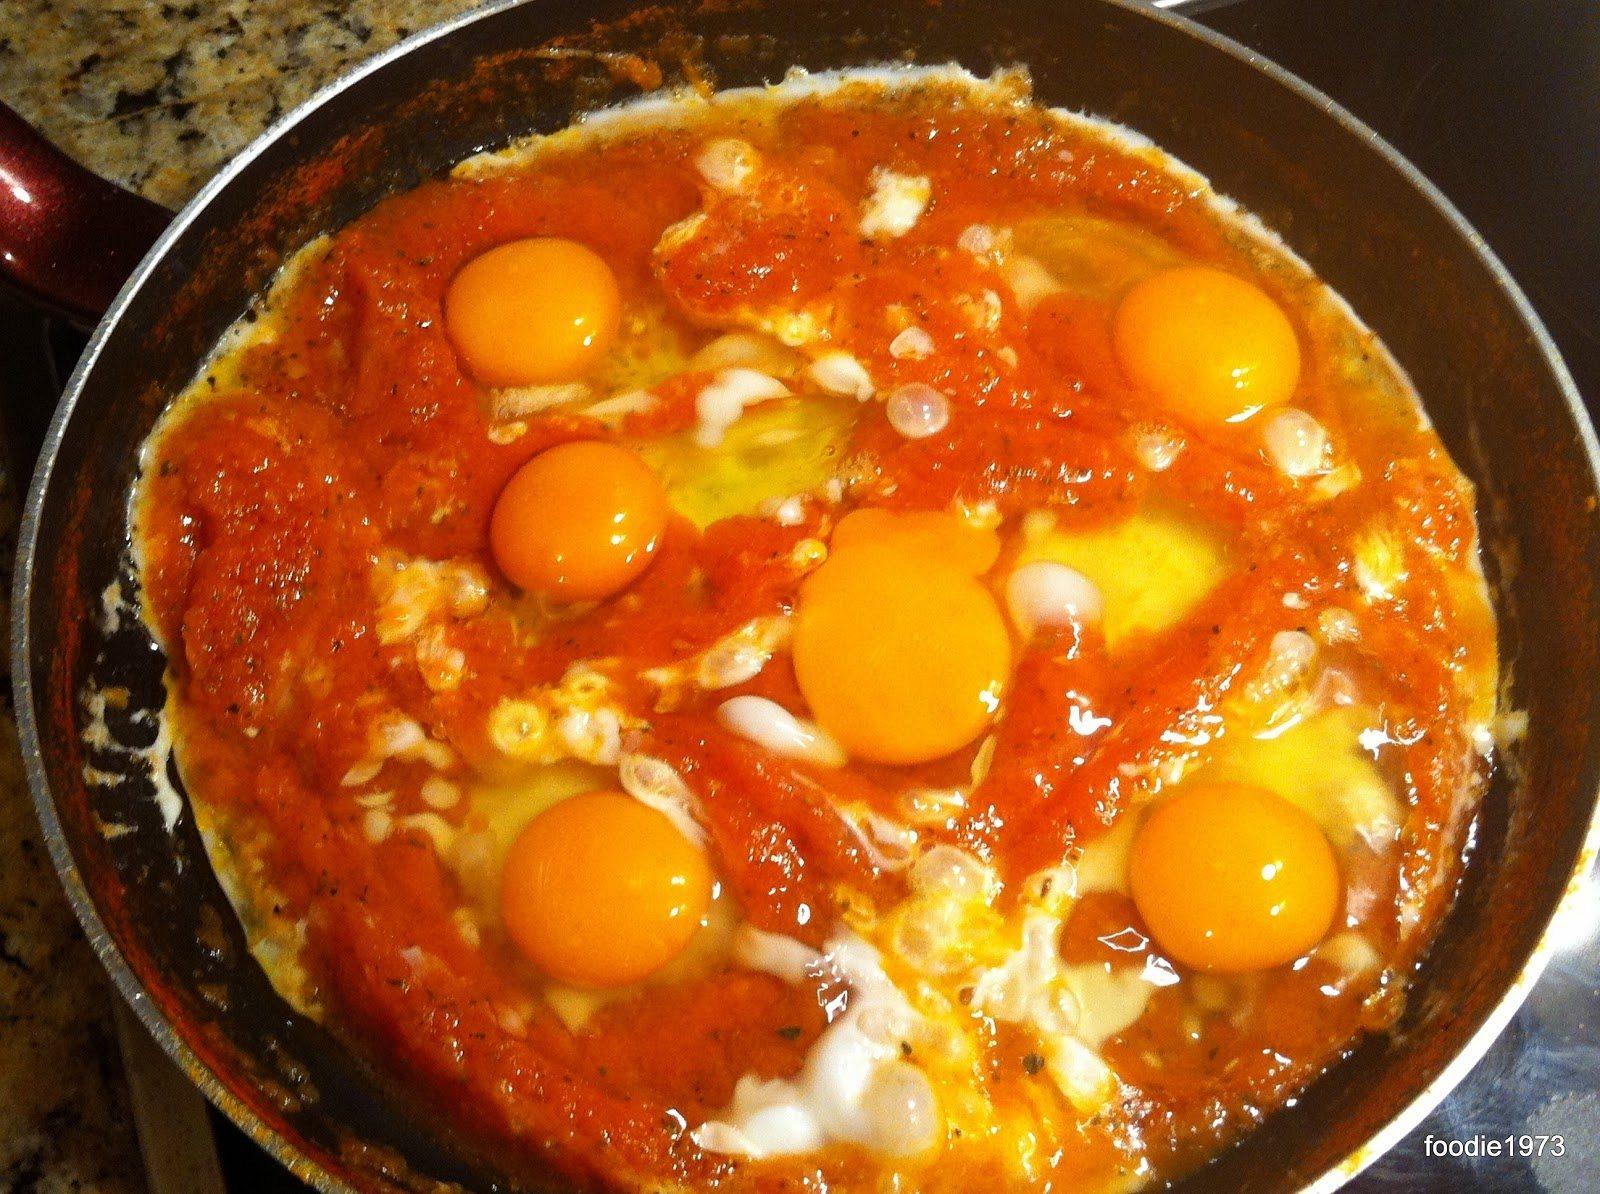 Σπάω και τα αυγά μέσα στην σάλτσα.